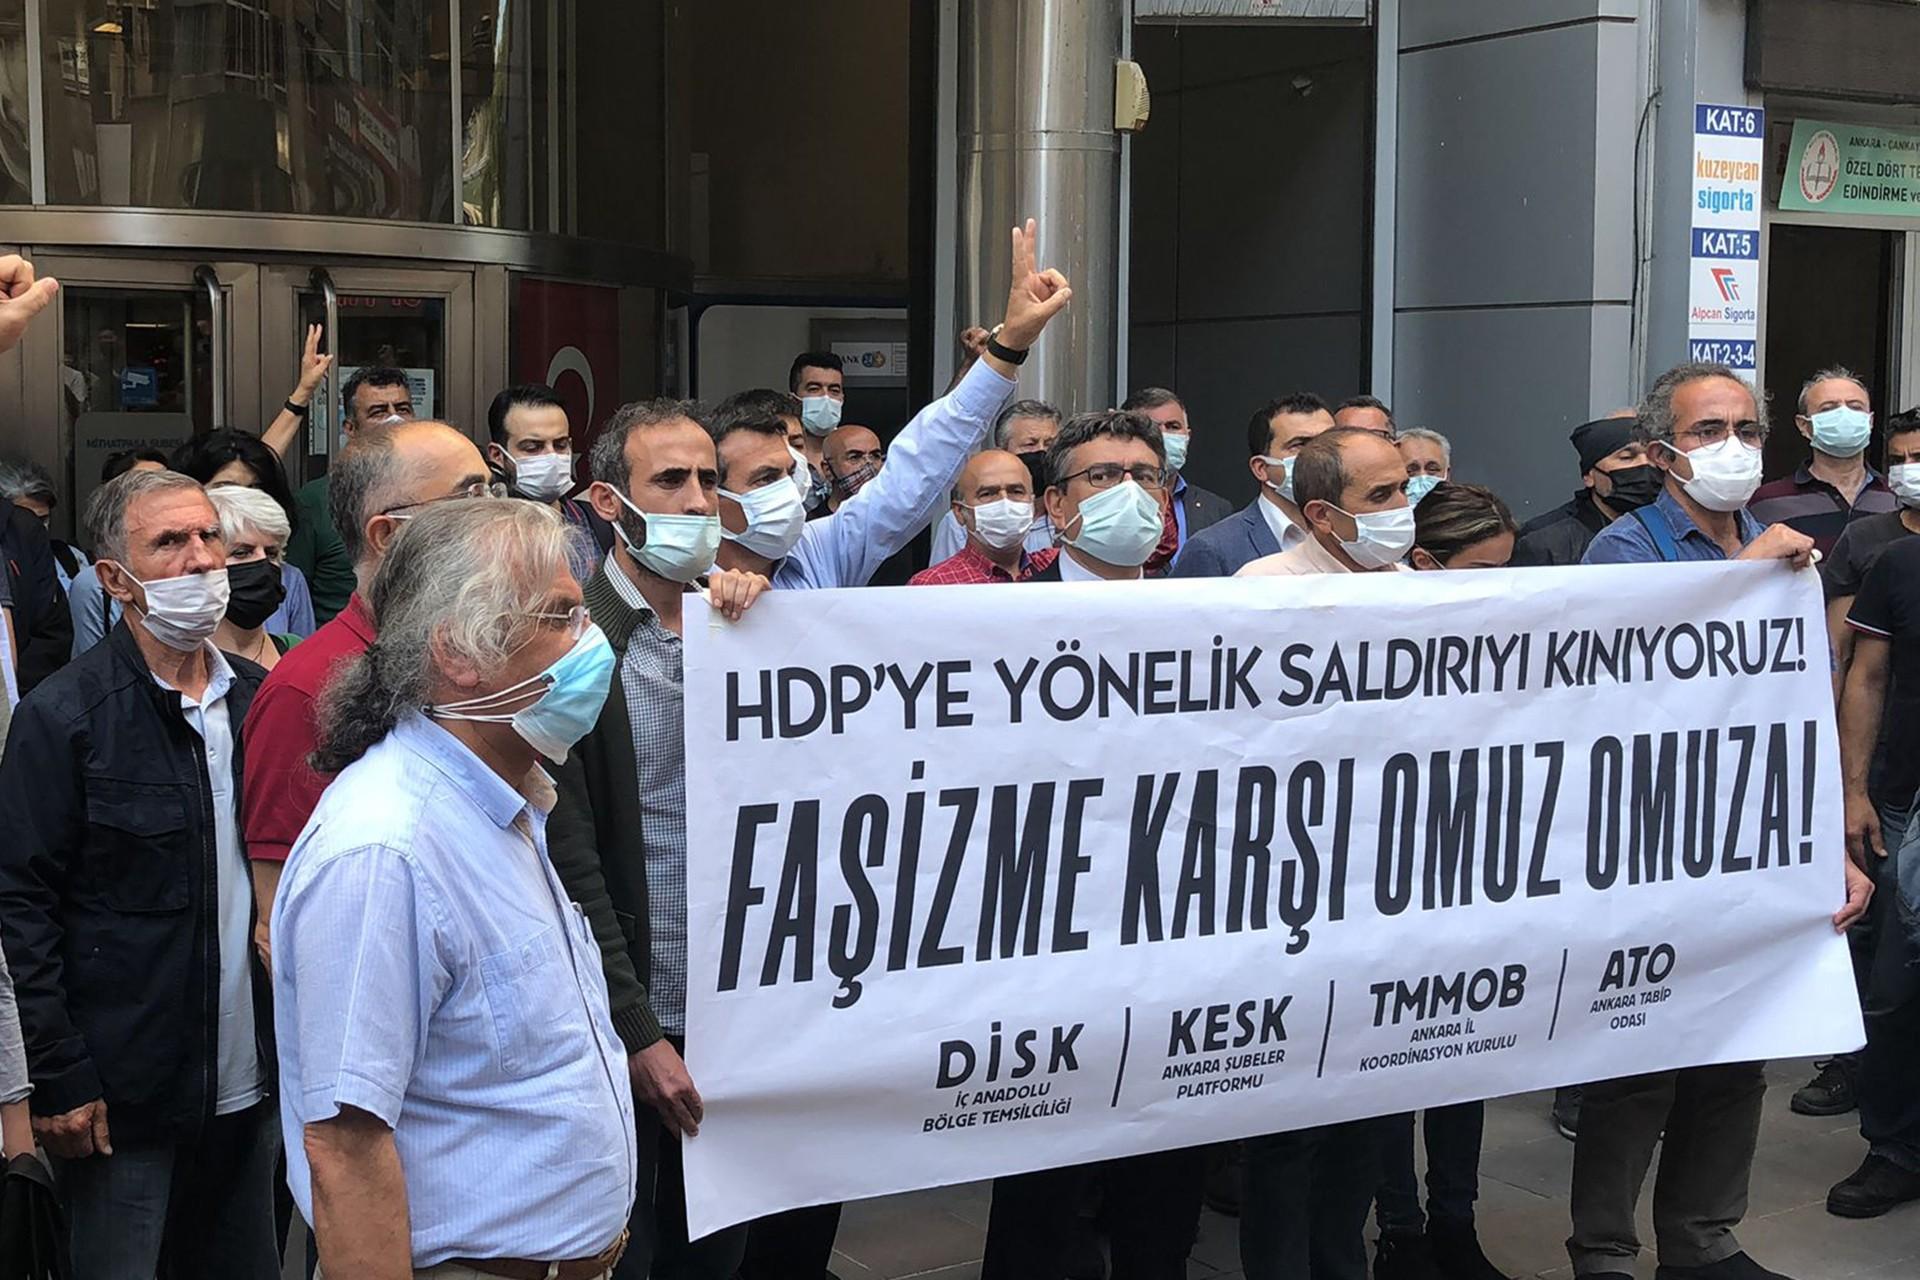 Ankara'da sendika ve odalardan HDP'li Deniz Poyraz'ın katledilmesine tepki - Evrensel